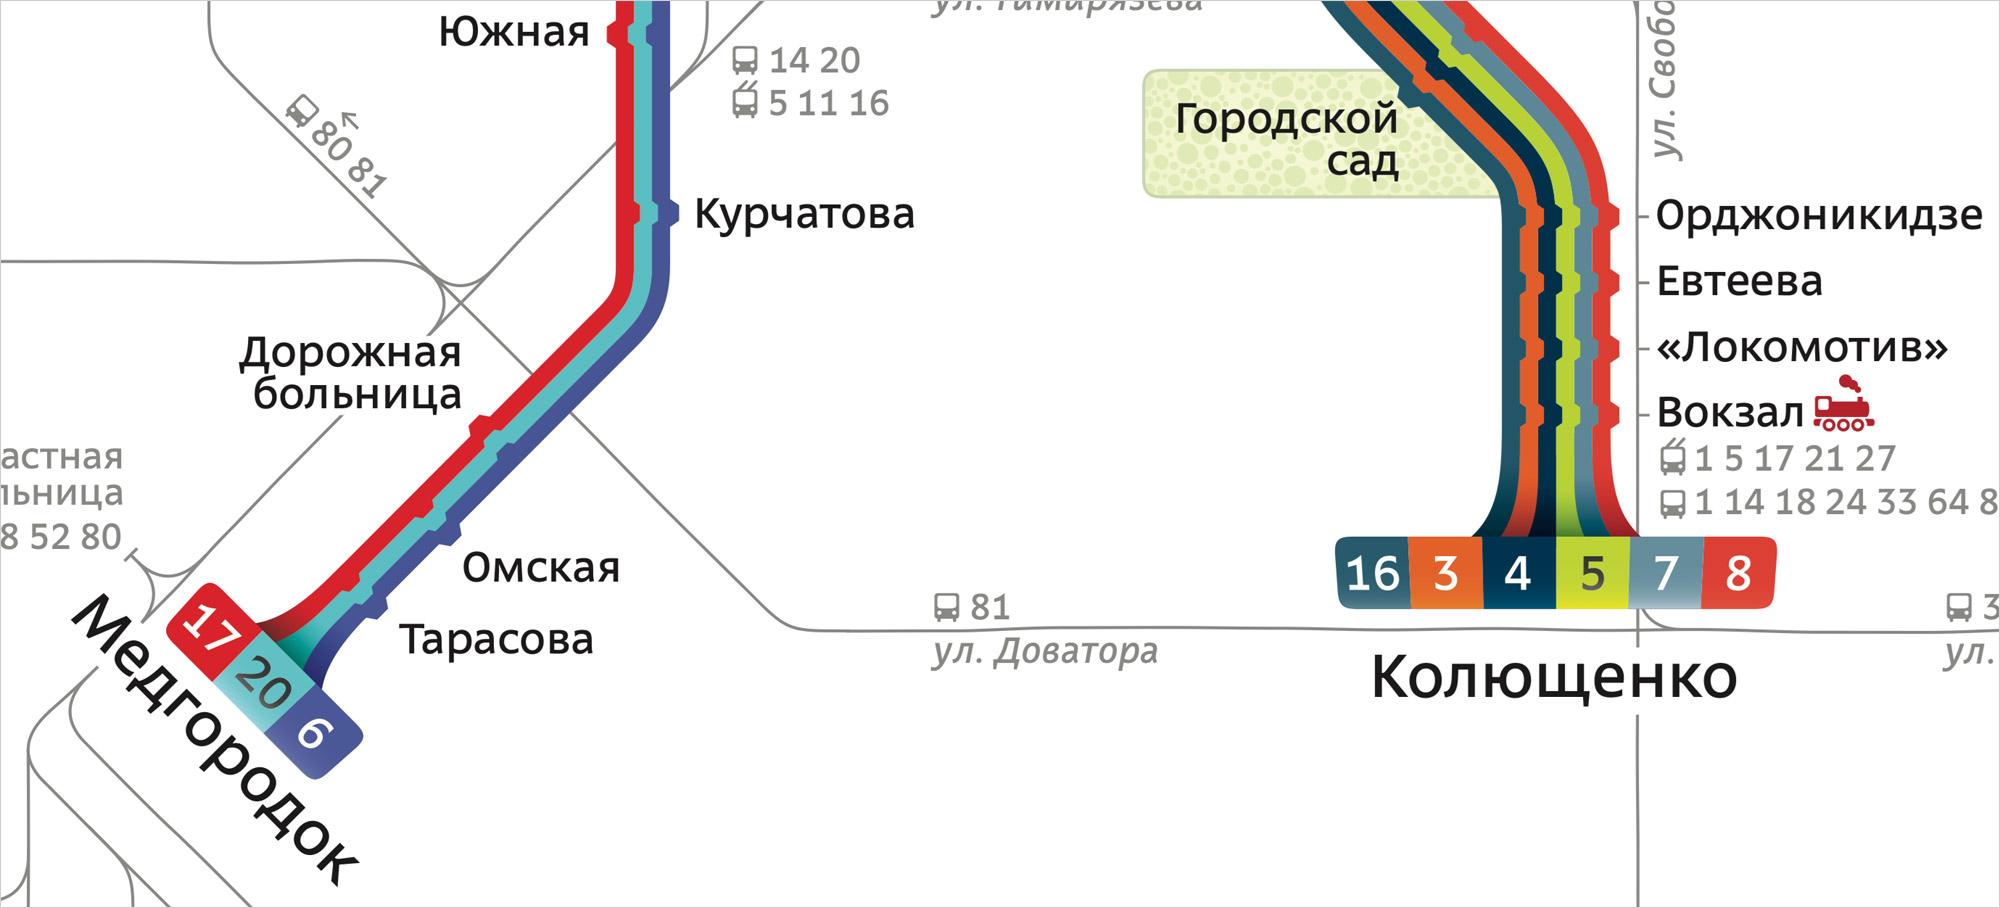 Transport map design. Chelyabinsk